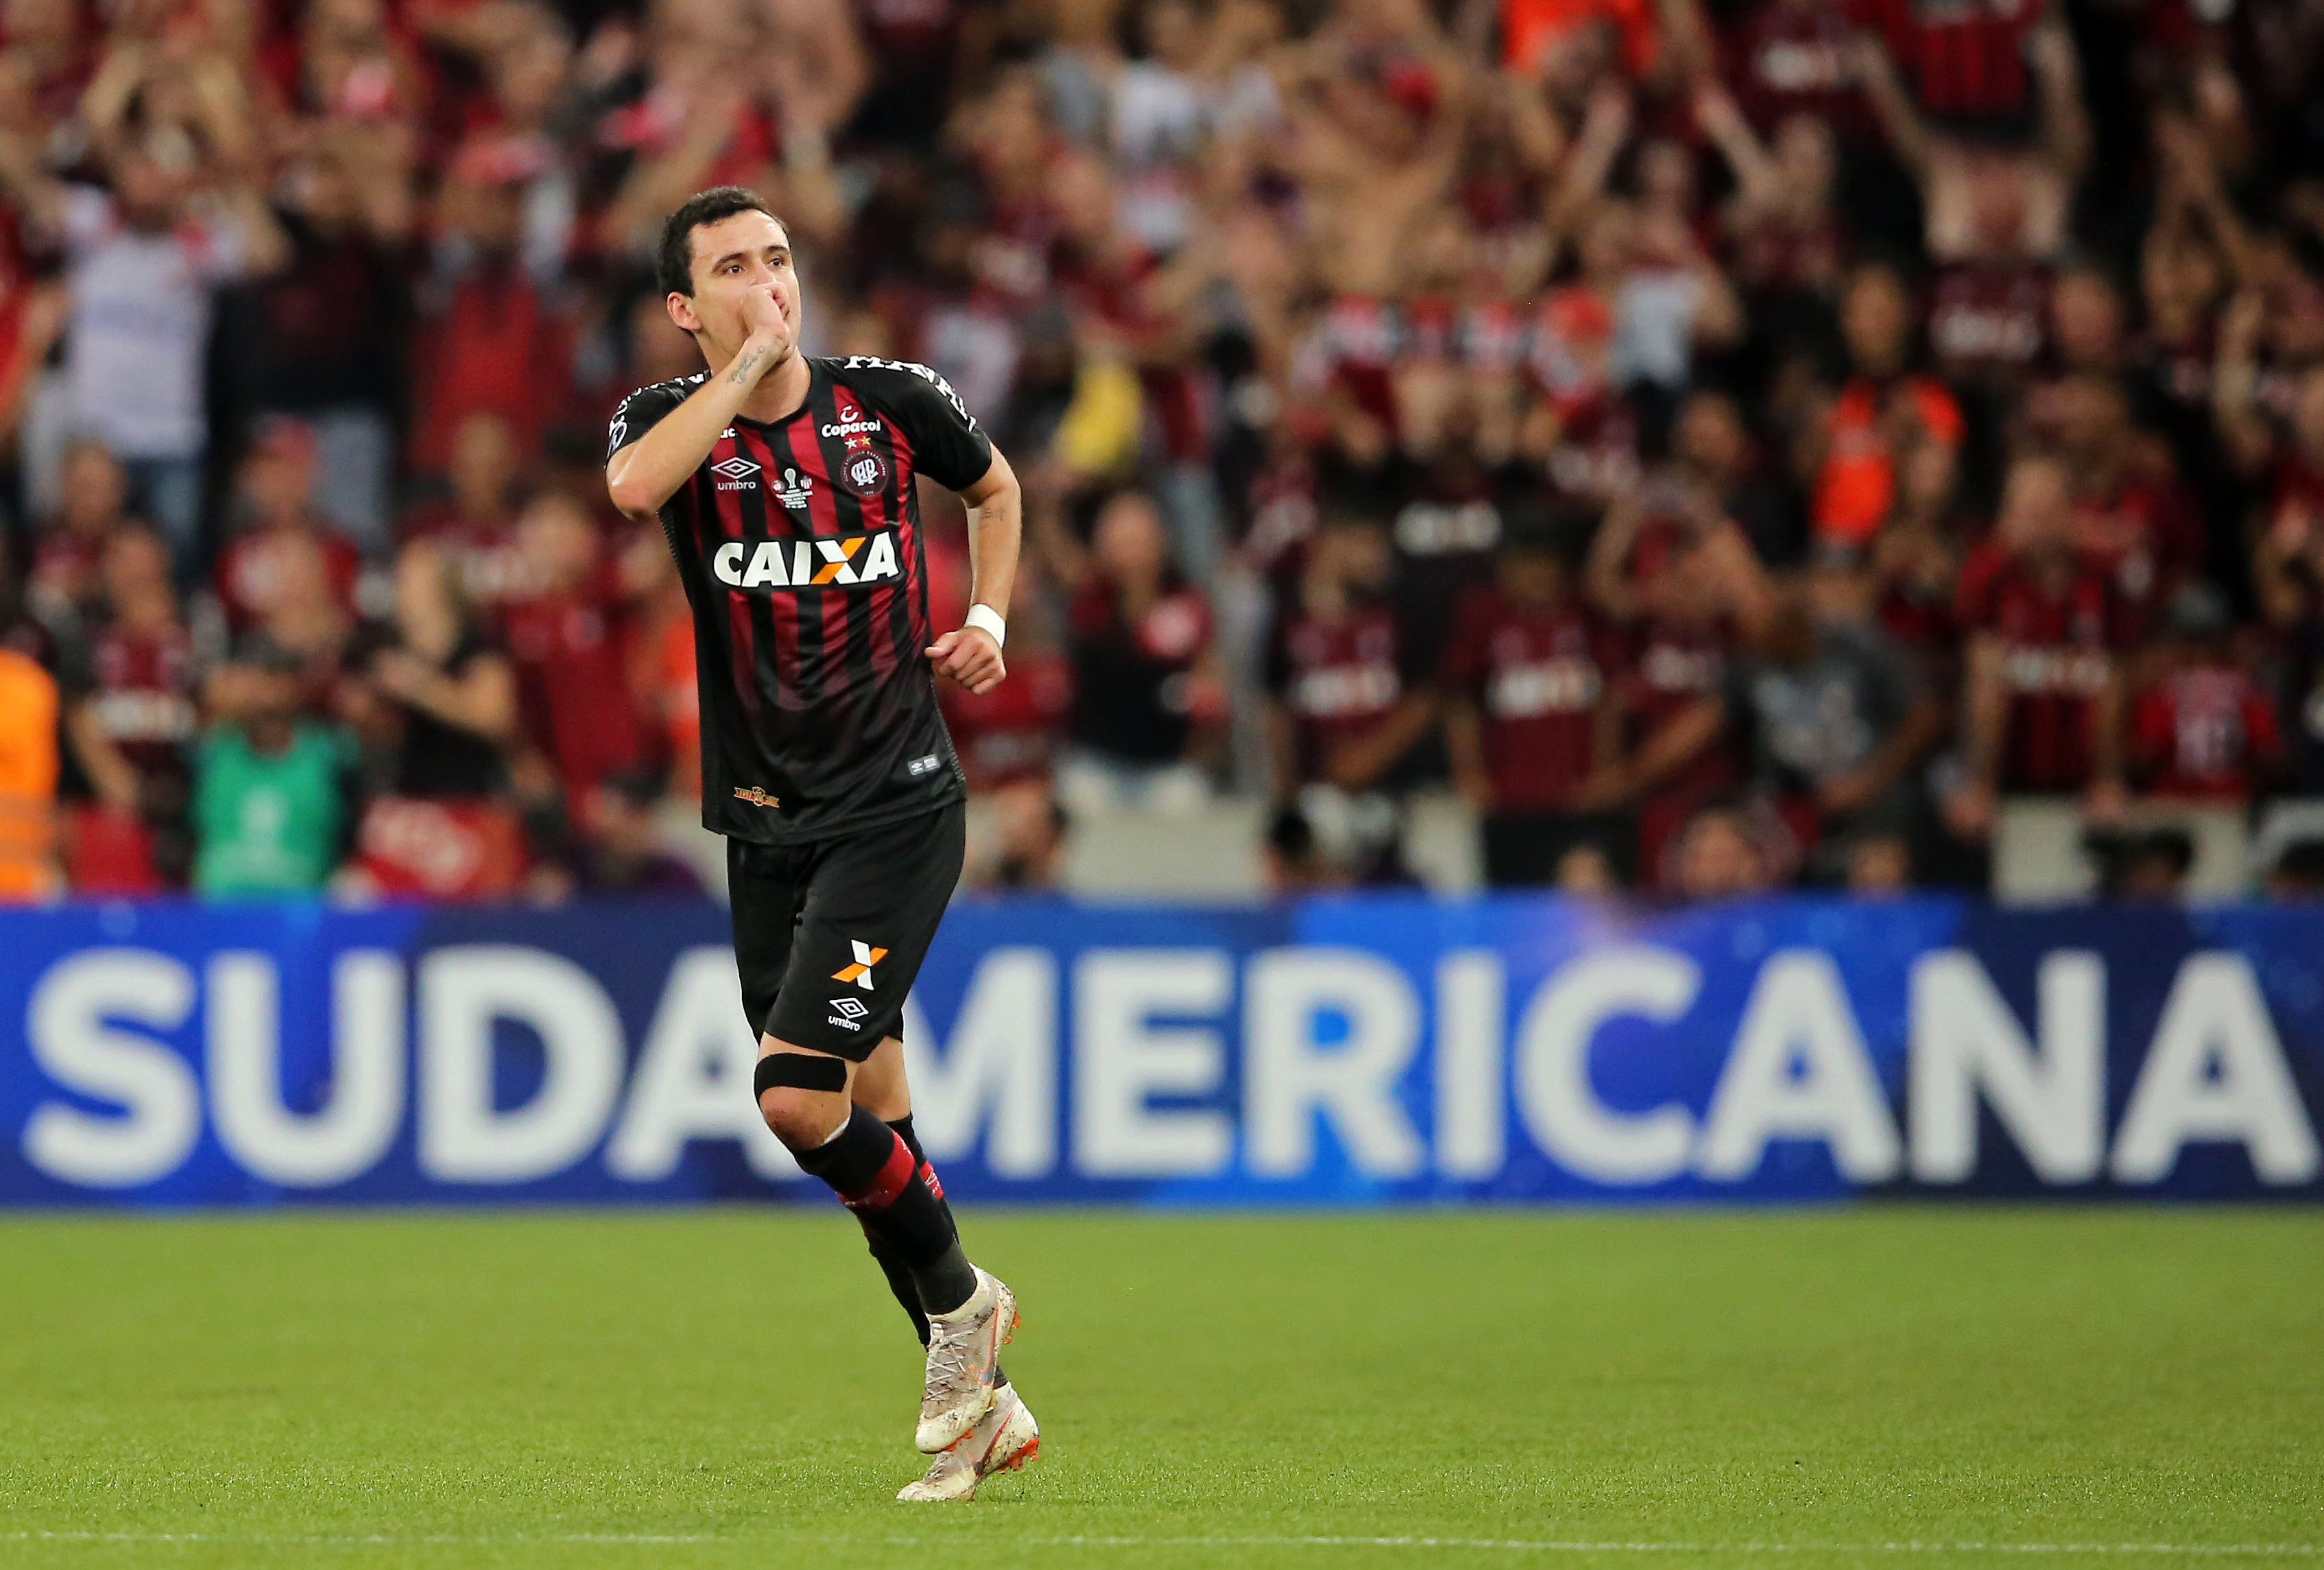 Athletico Paranaense Copa Sudamericana 2018